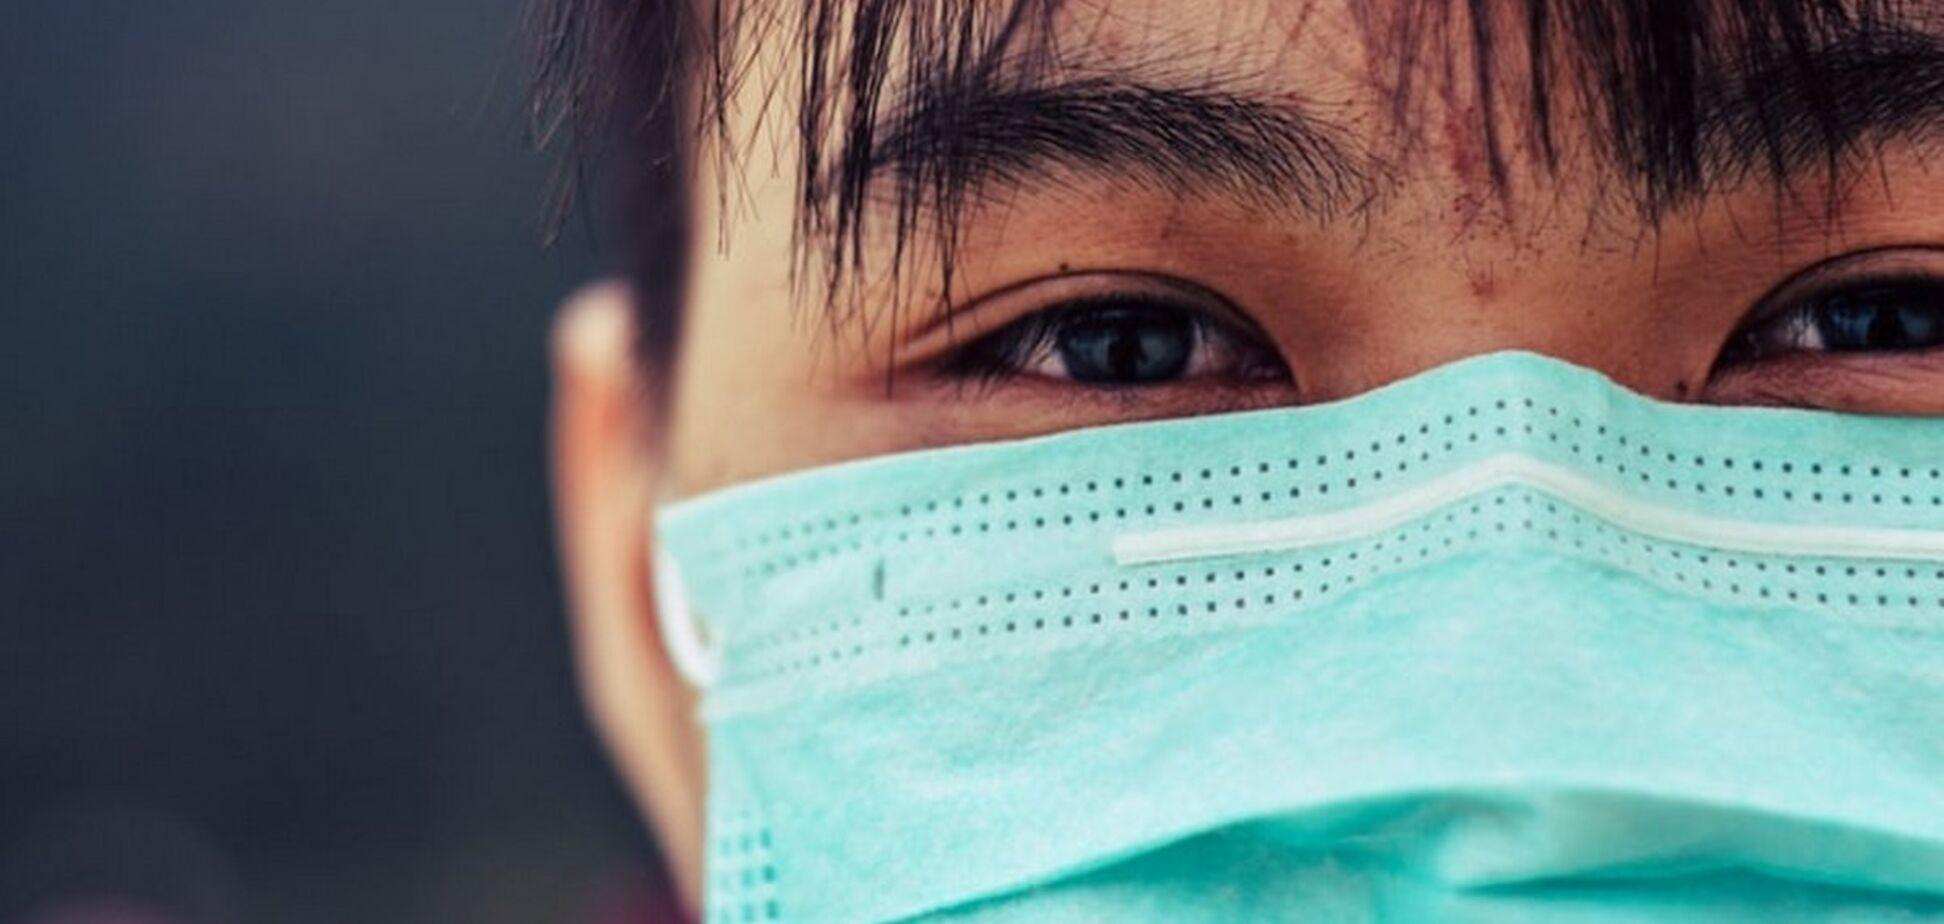 Експерт дала три ради, які допоможуть встояти перед коронавірусом